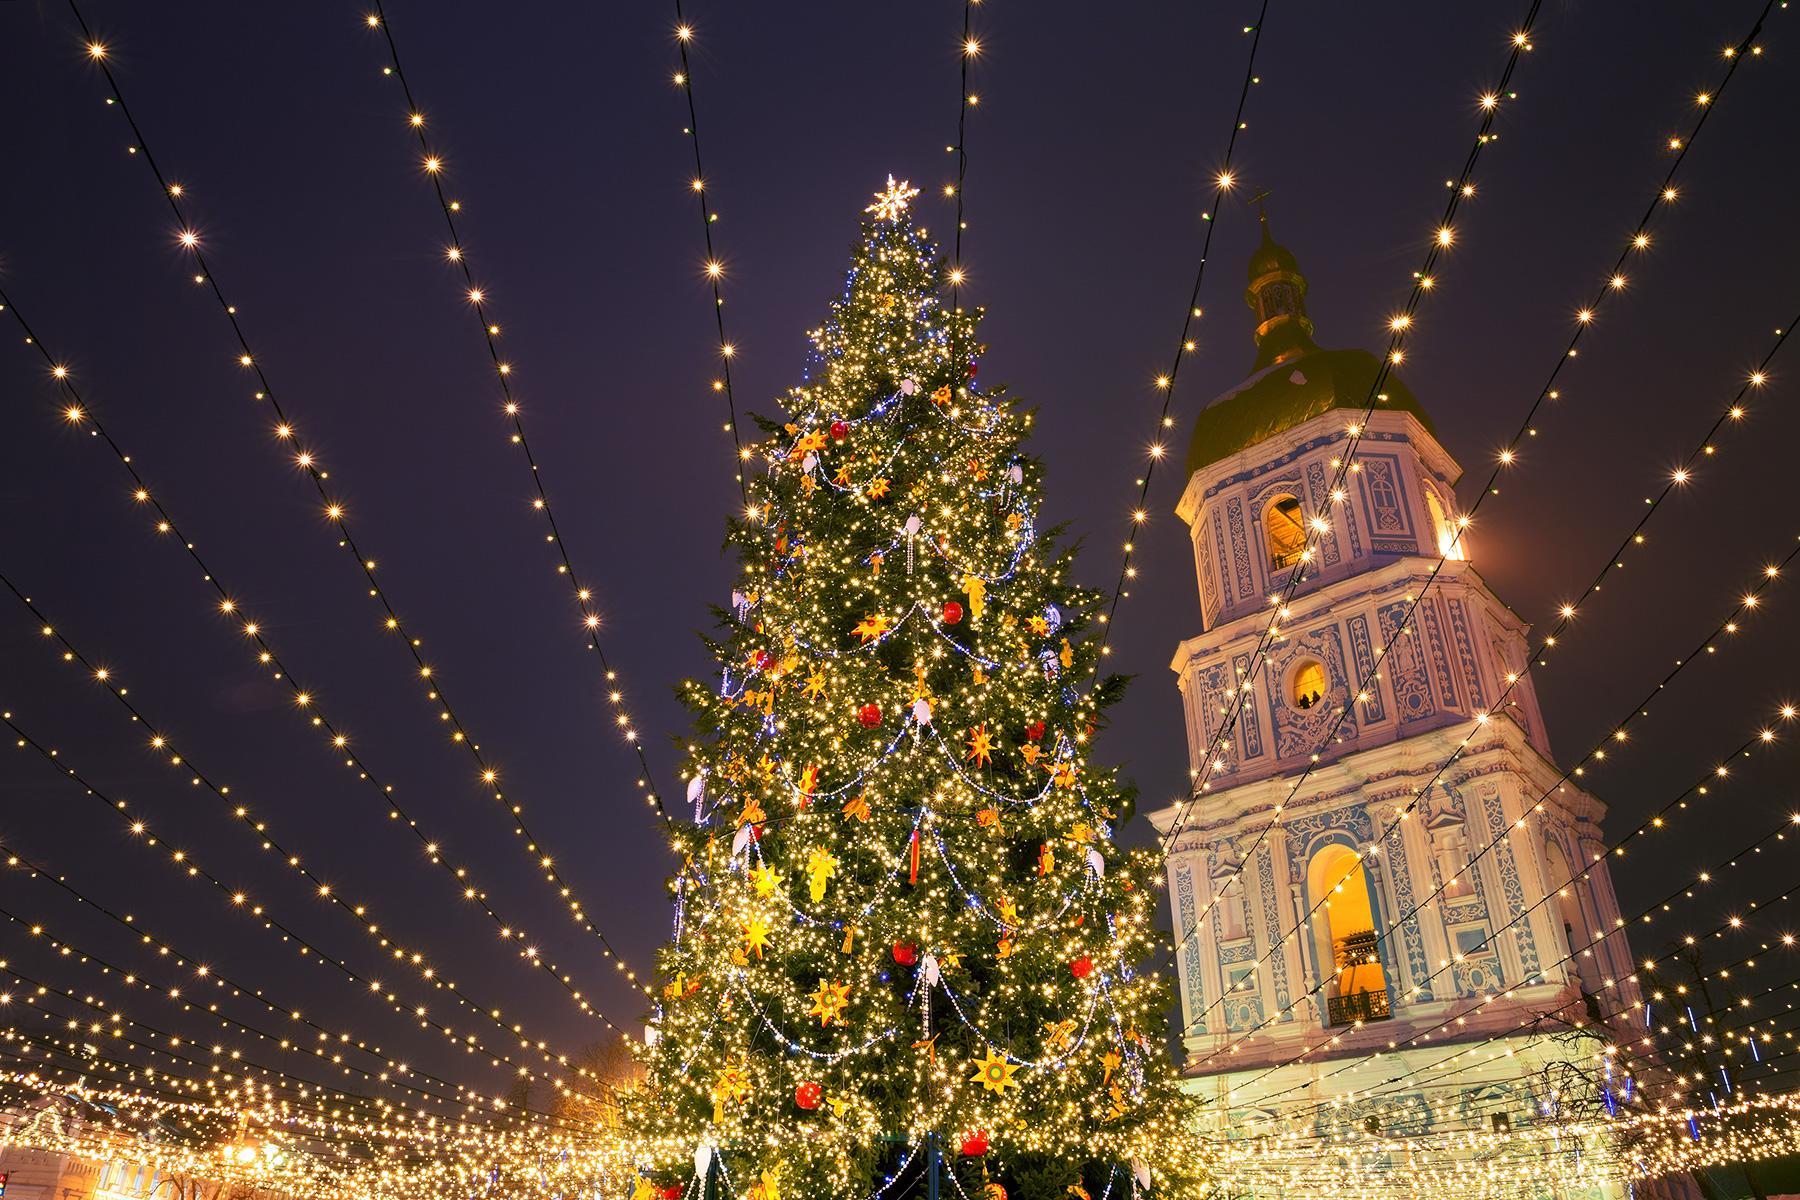 أضواء عيد الميلاد المذهلة دبي